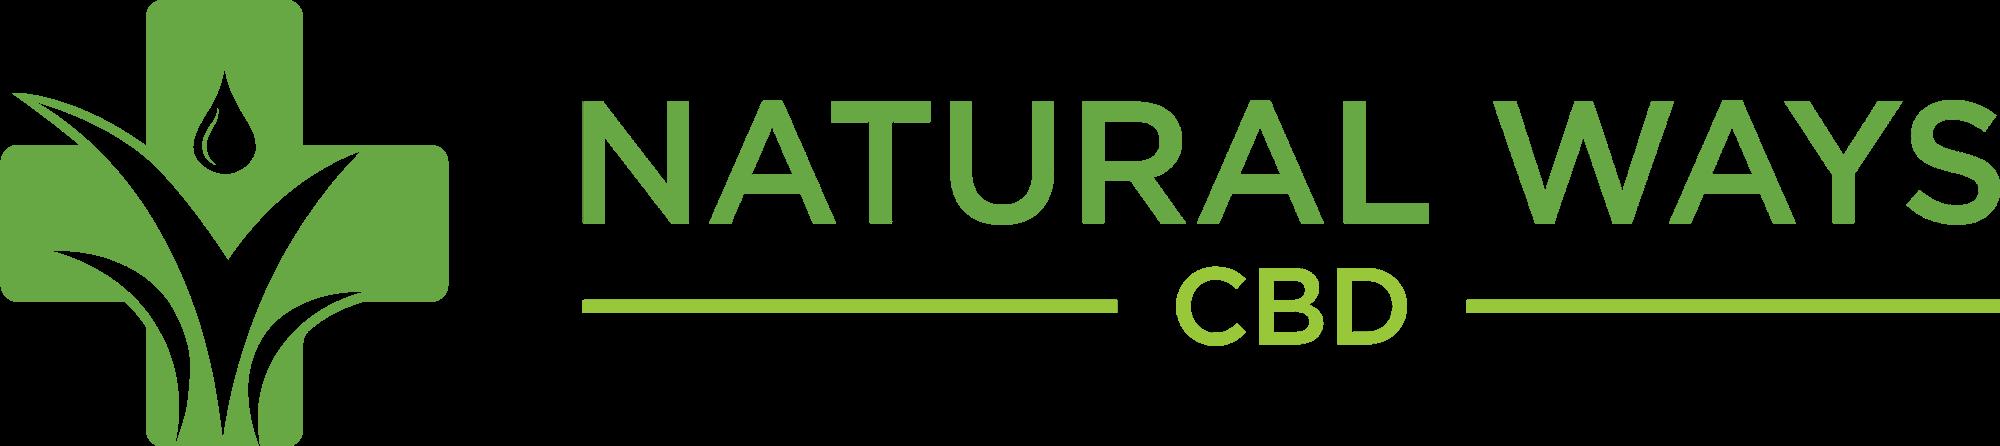 Natural Ways CBD